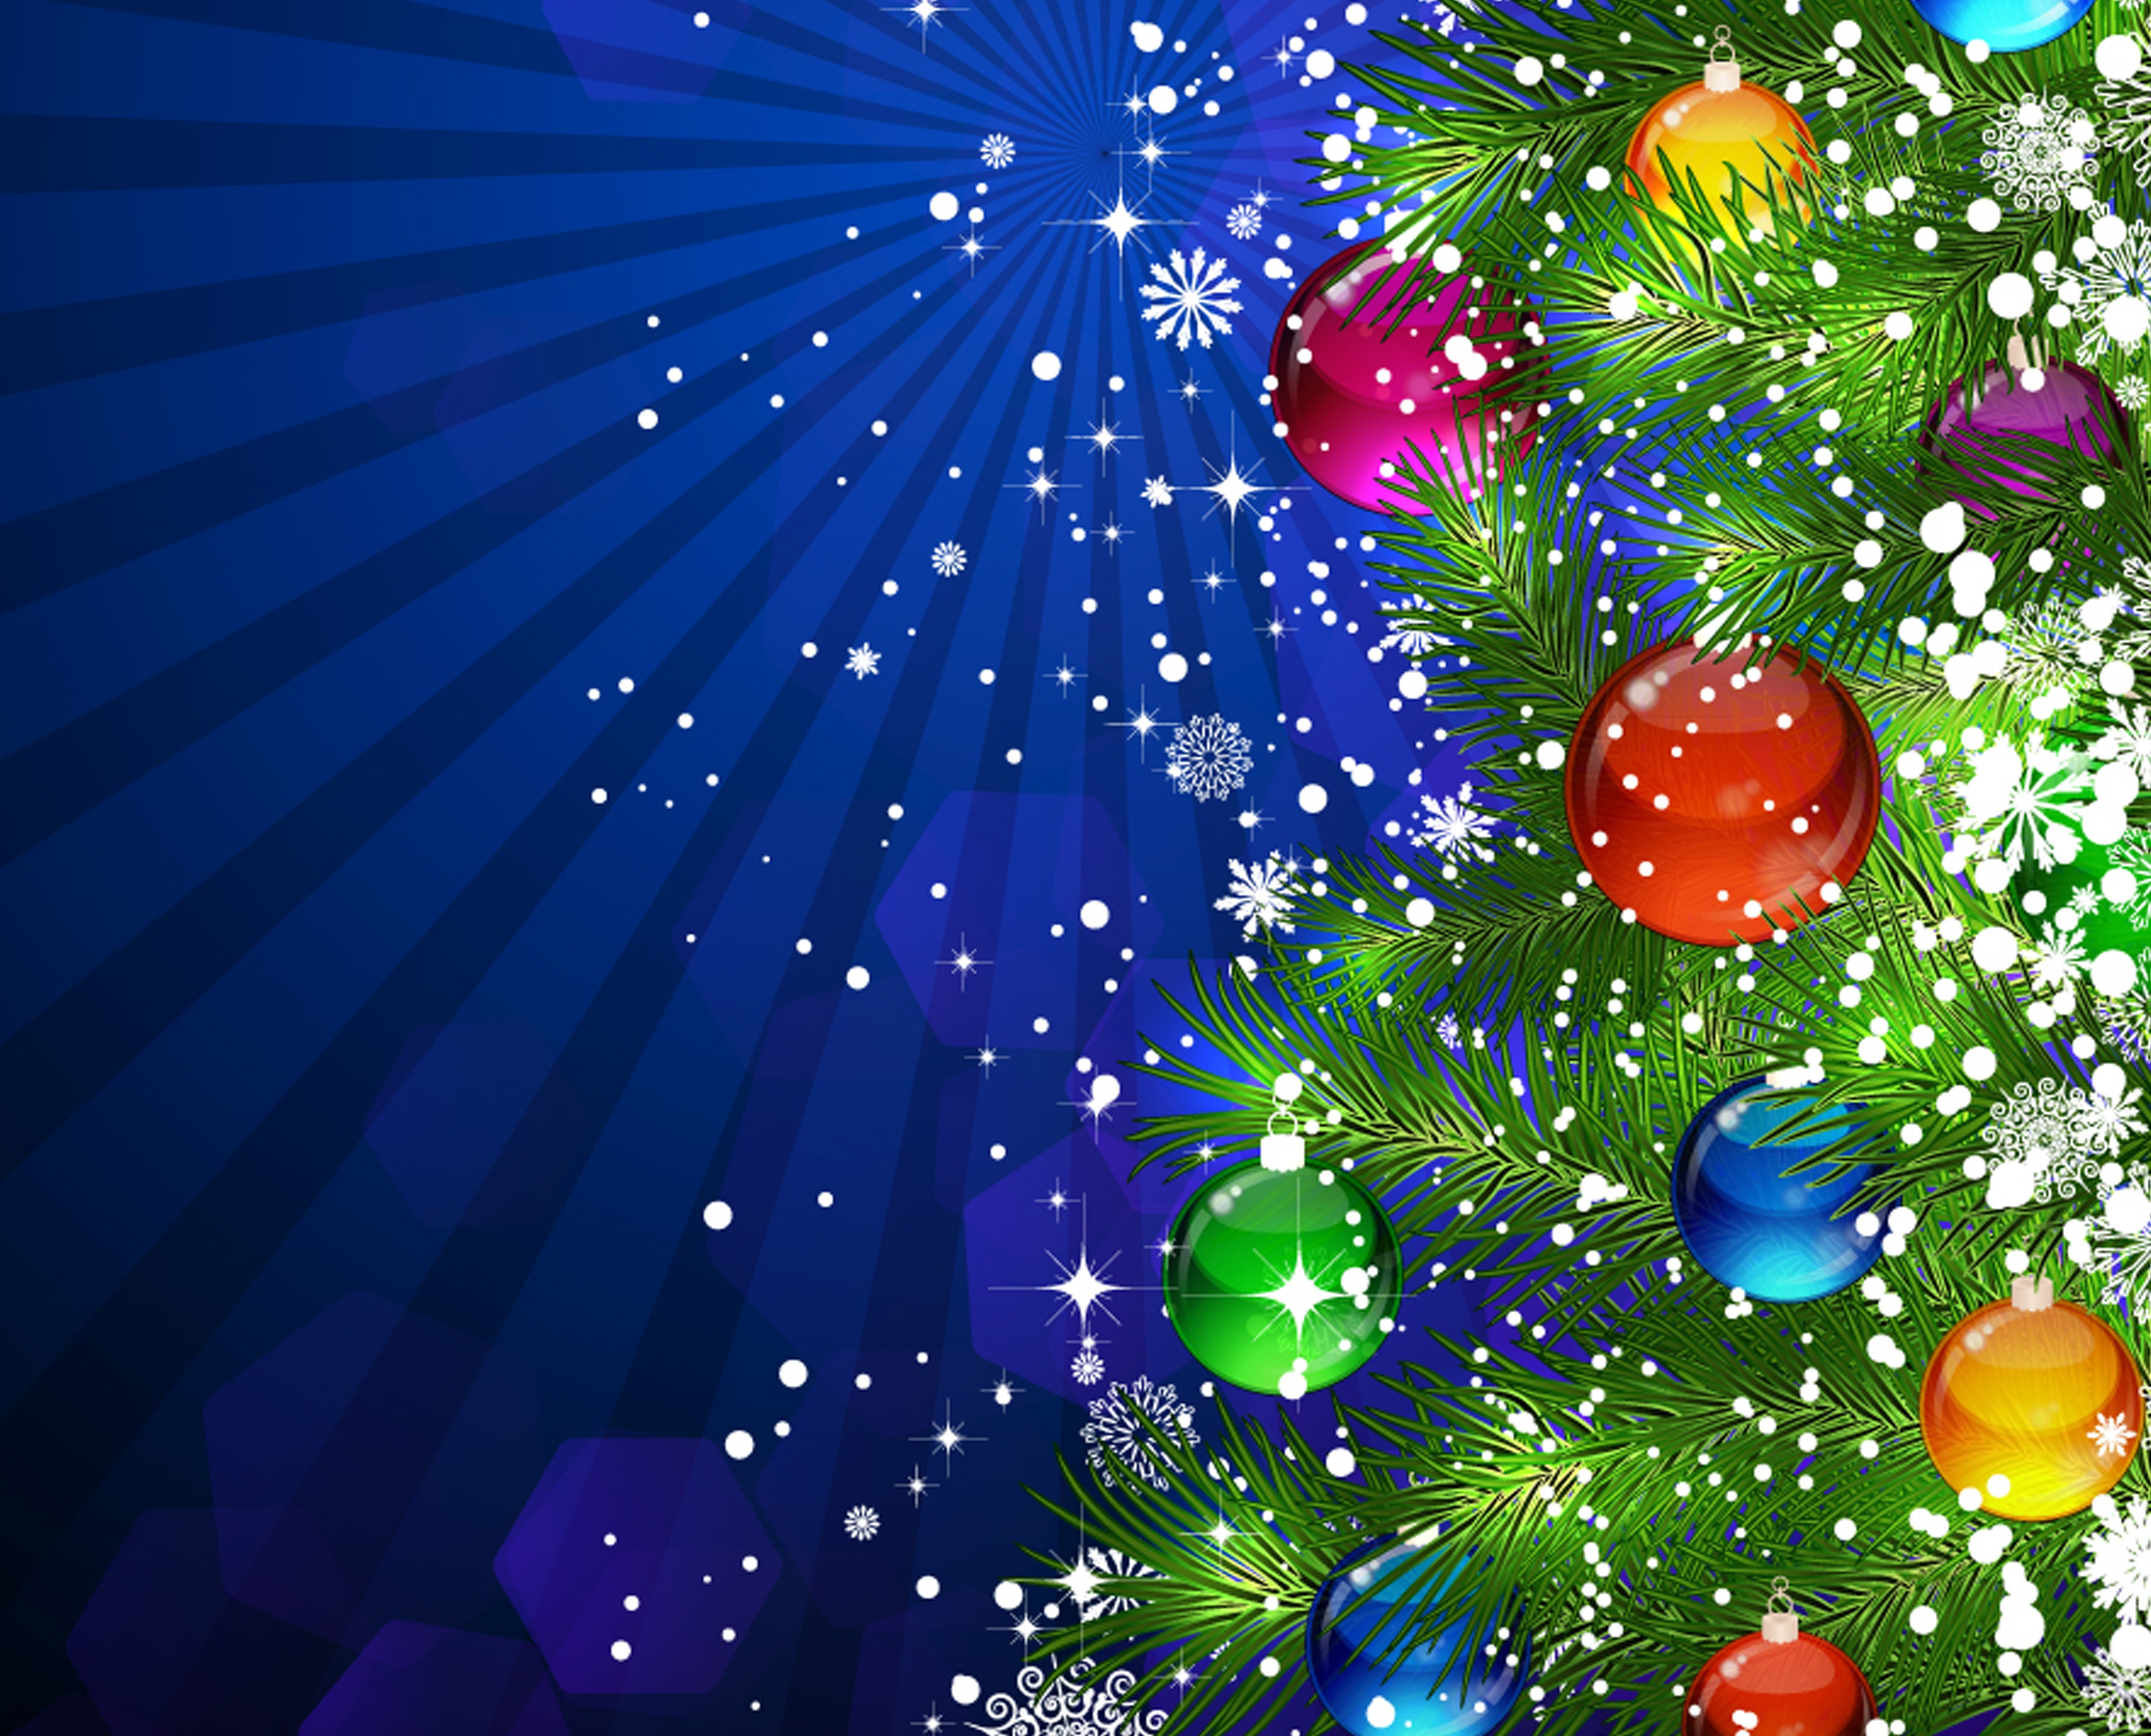 обои Новогодние фоны, Новогодний фон, Новогодние обои, С новым годом картинки фото